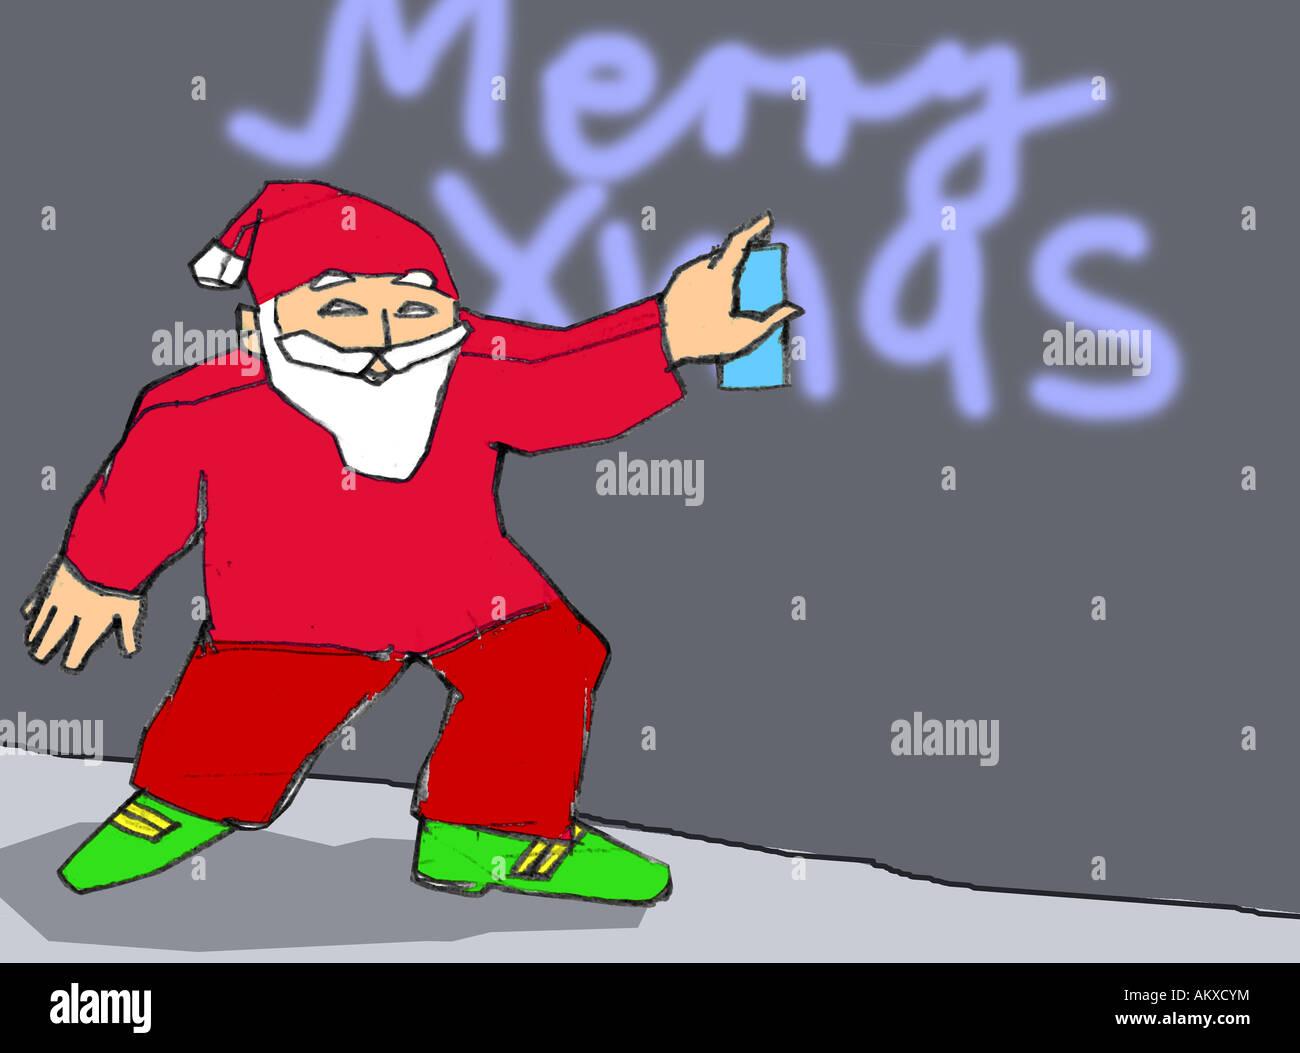 Spritzen von Santa Claus, Abbildung Stockbild